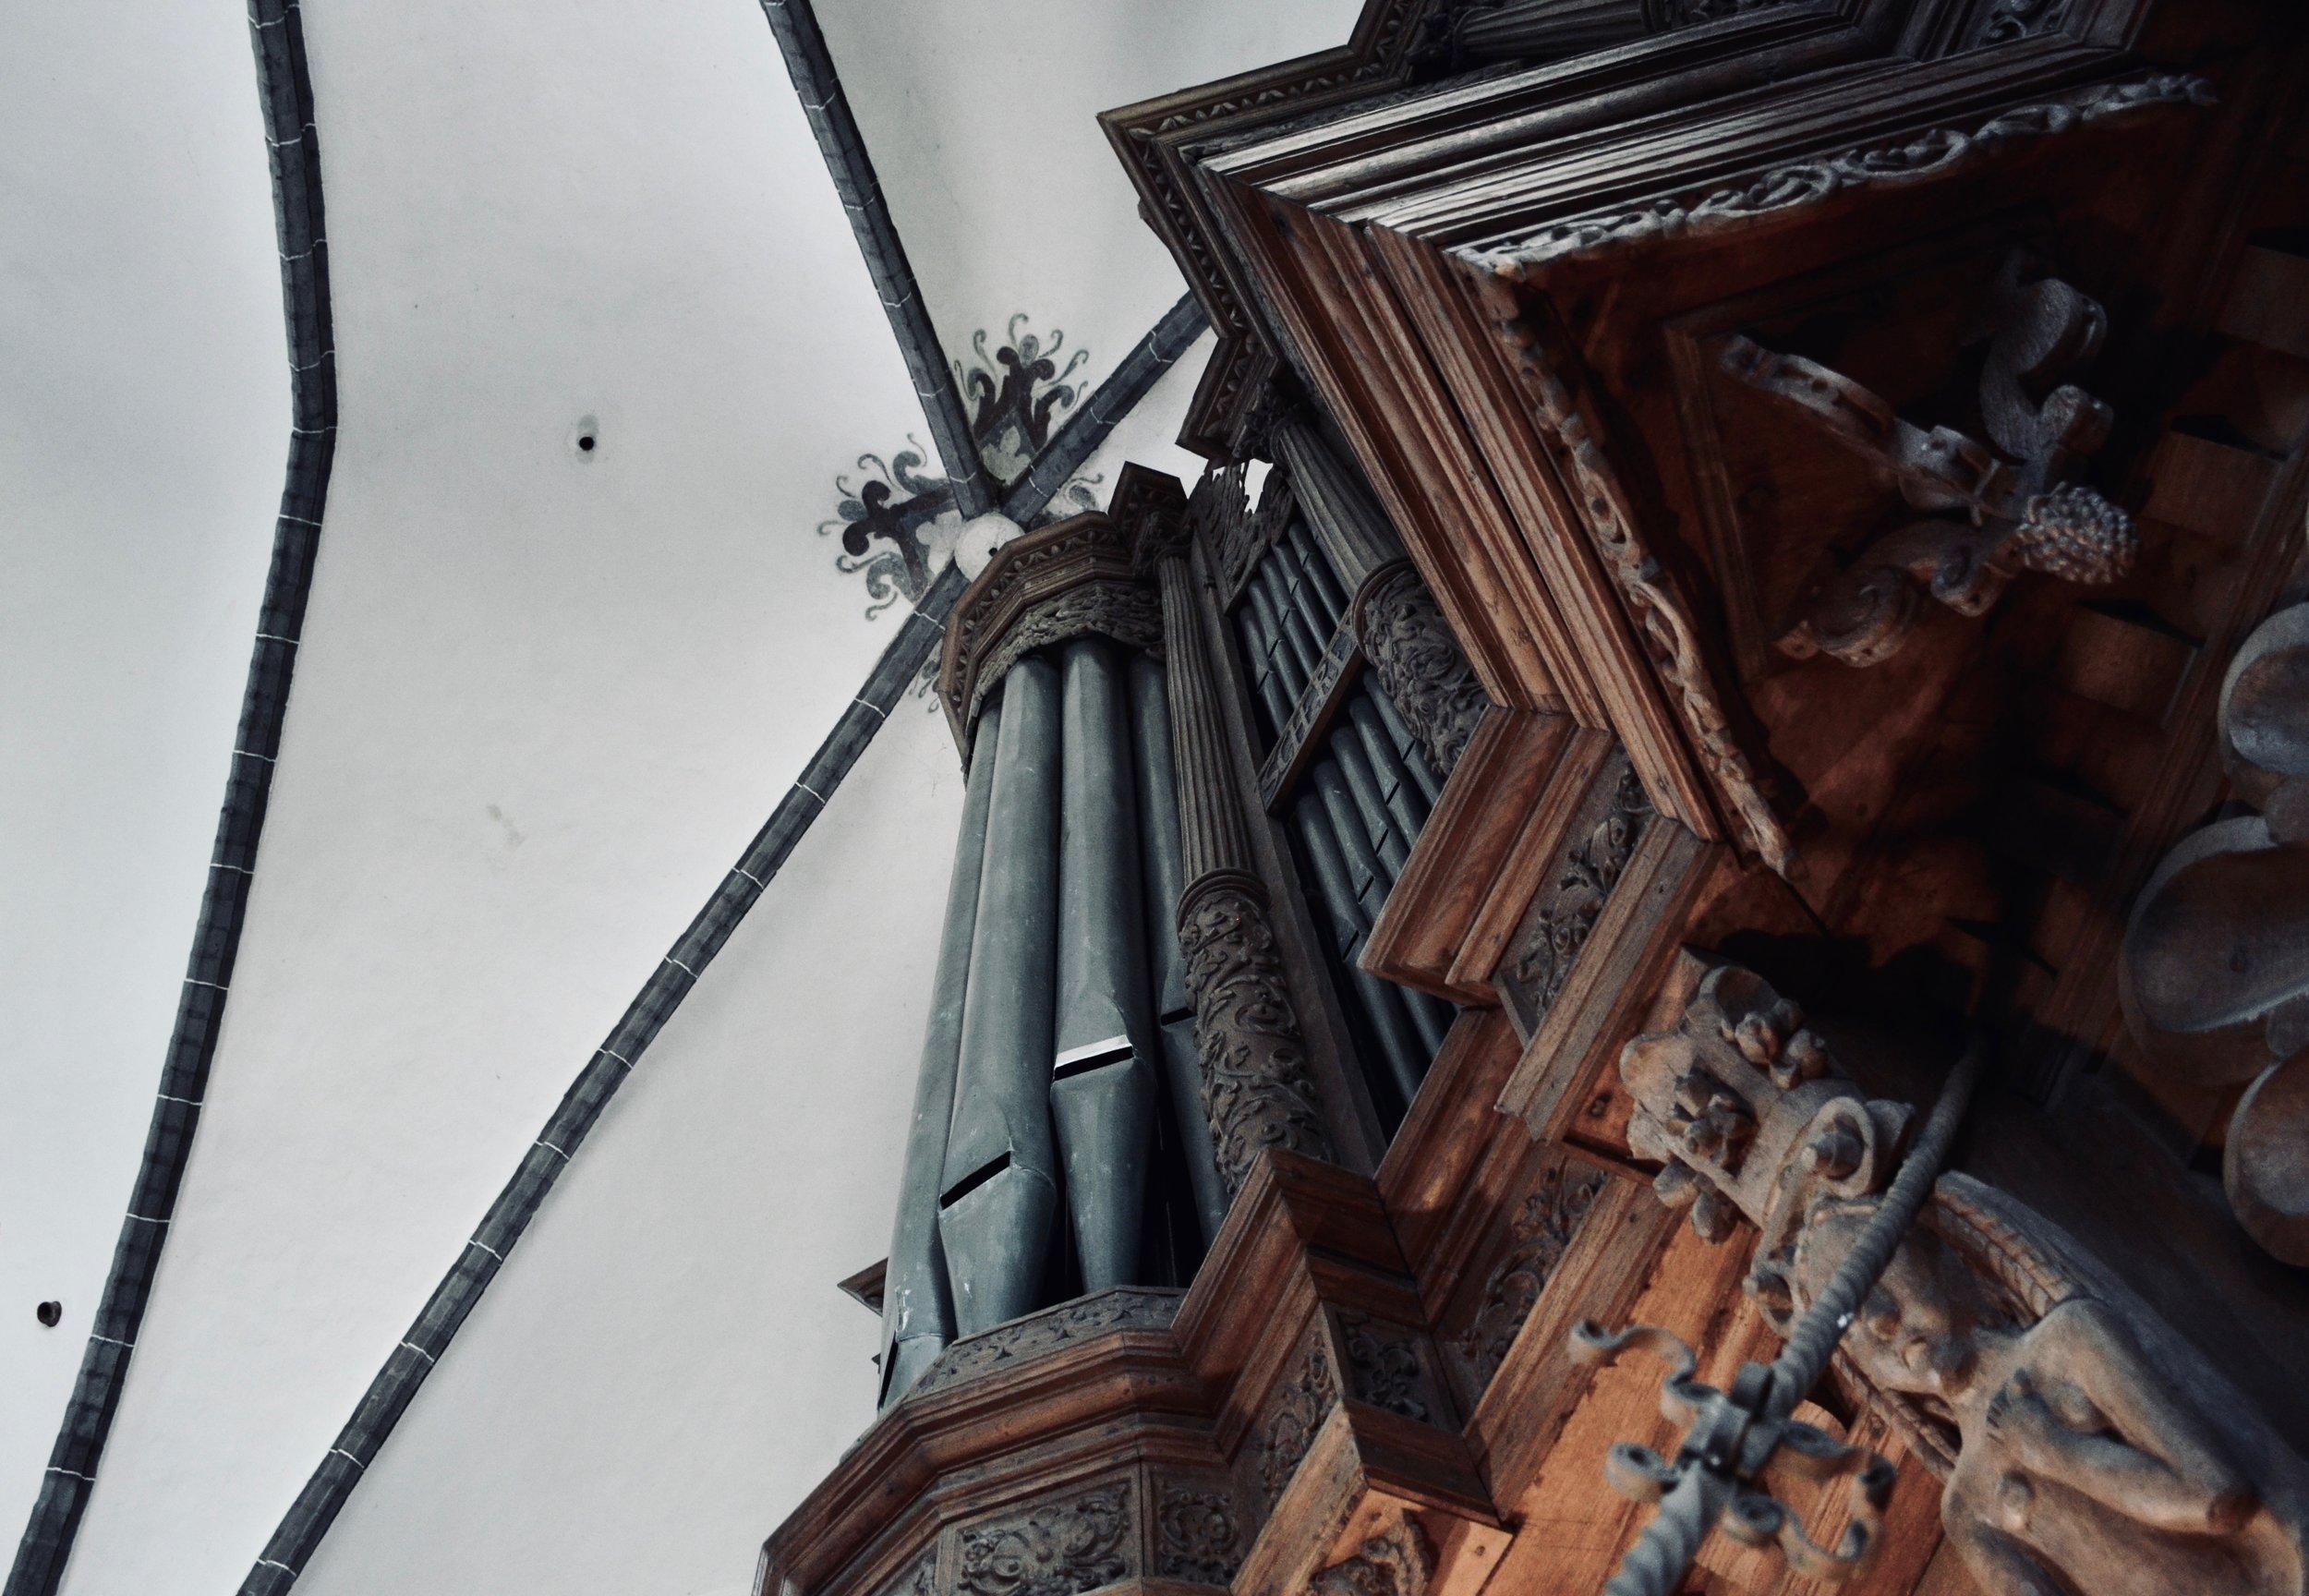 1624 Scherer Organ, St. Stephanskirche, Tangermünde.